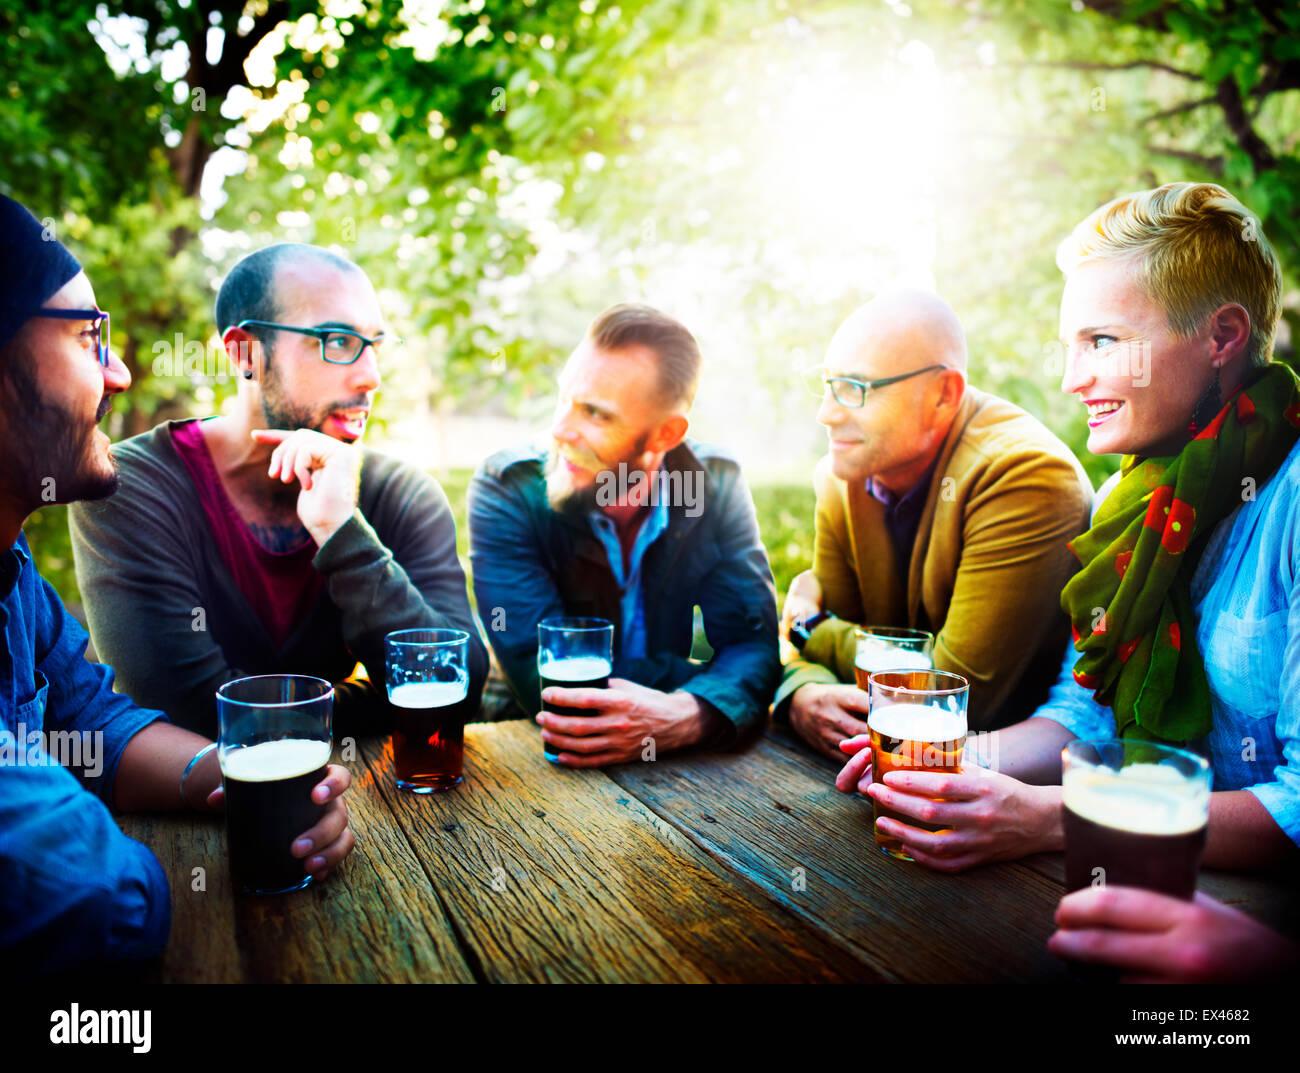 Les gens boire de la bière Party Concept d'amitié Photo Stock